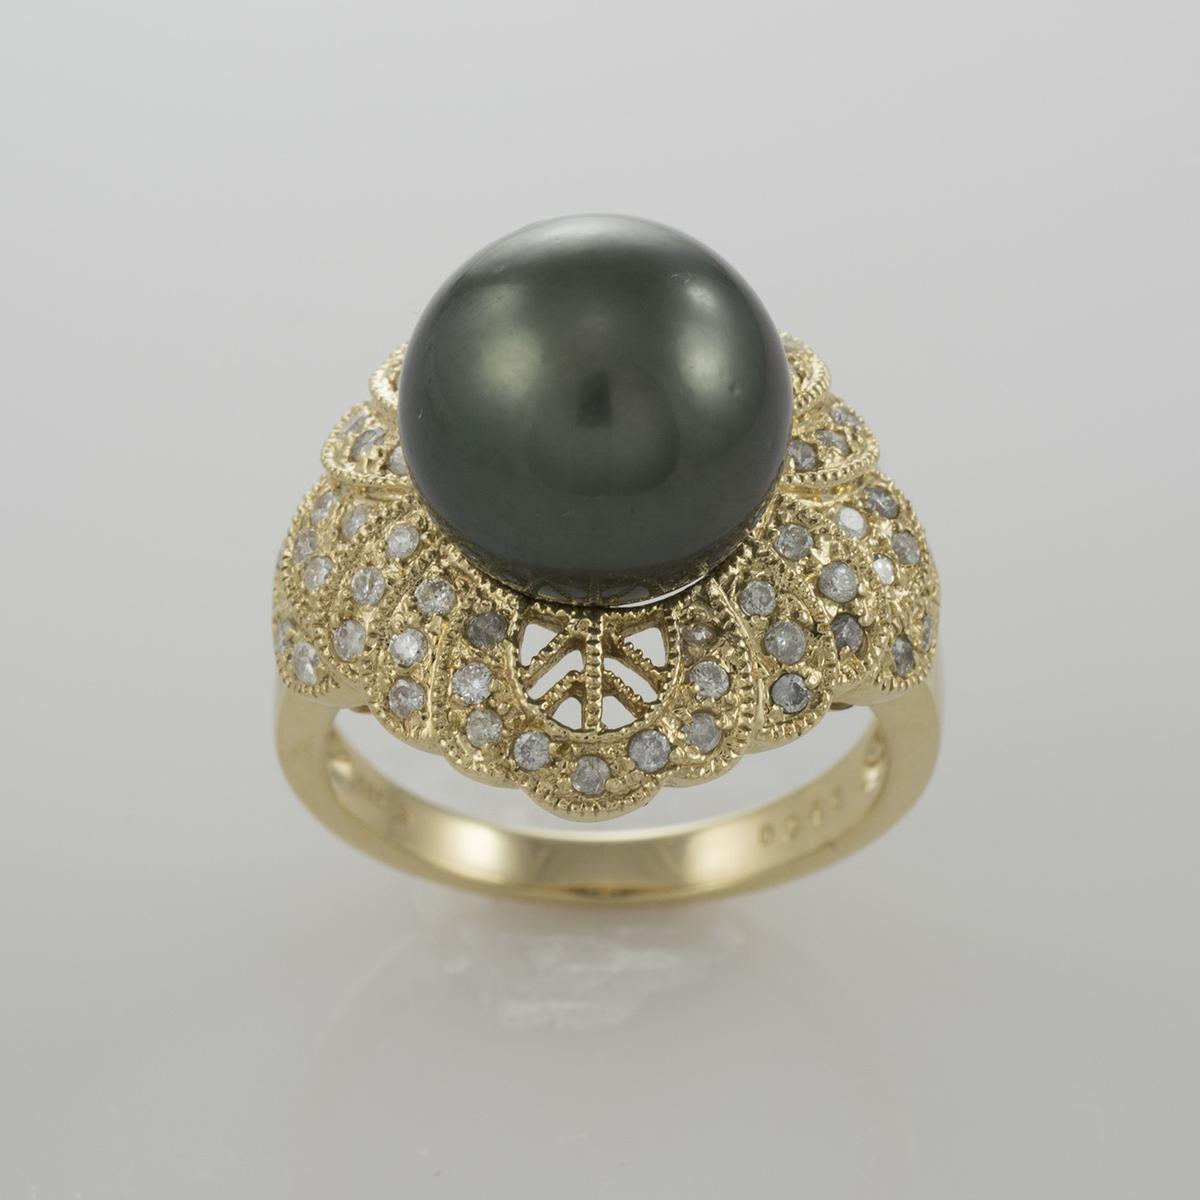 diamants Tahitian Pearl Ring 14k solide or jaune.